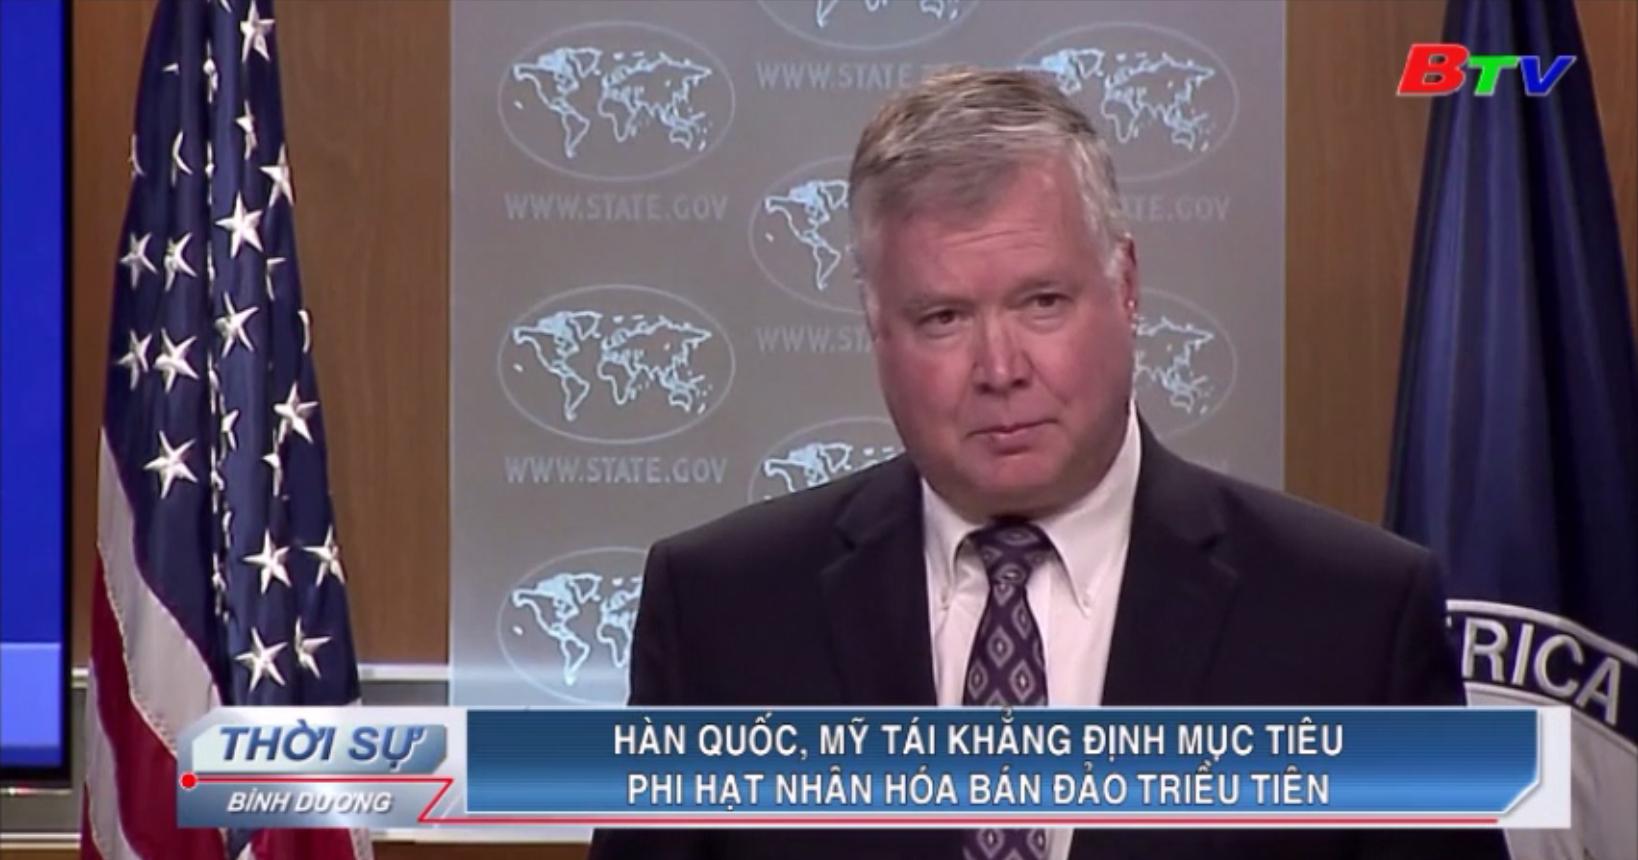 Hàn Quốc, Mỹ tái khẳng định mục tiêu phi hạt nhân hóa bán đảo Triều Tiên